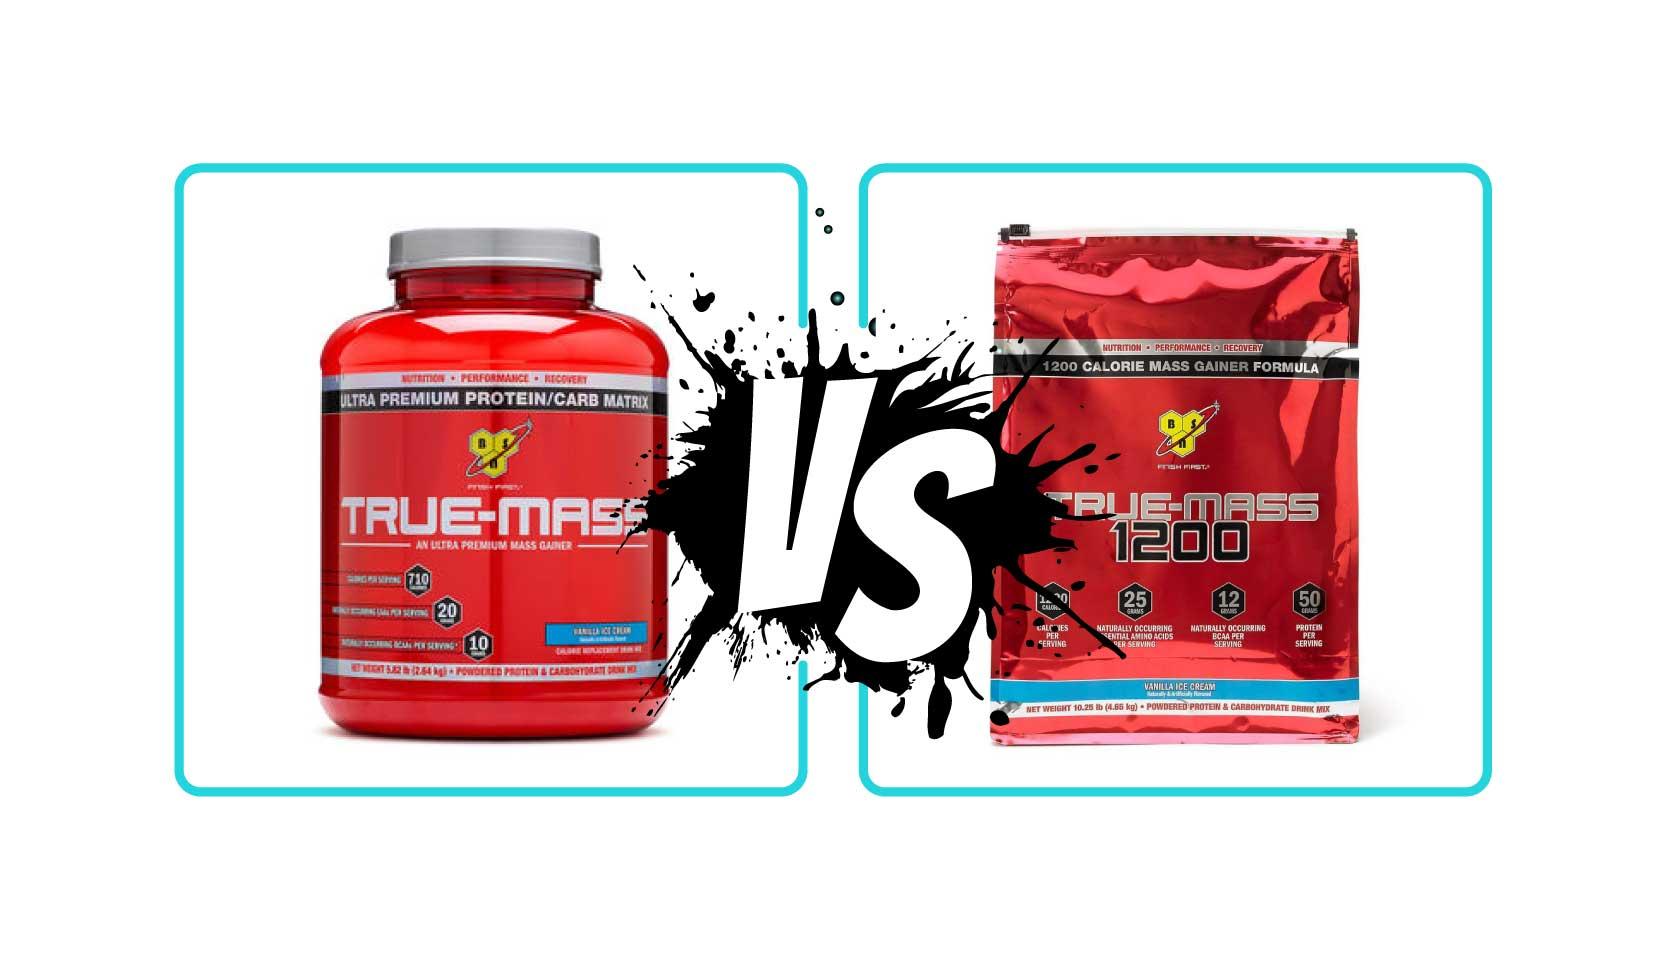 True-Mass vs True-Mass 1200 Supplement Reviews & Comparison Hub